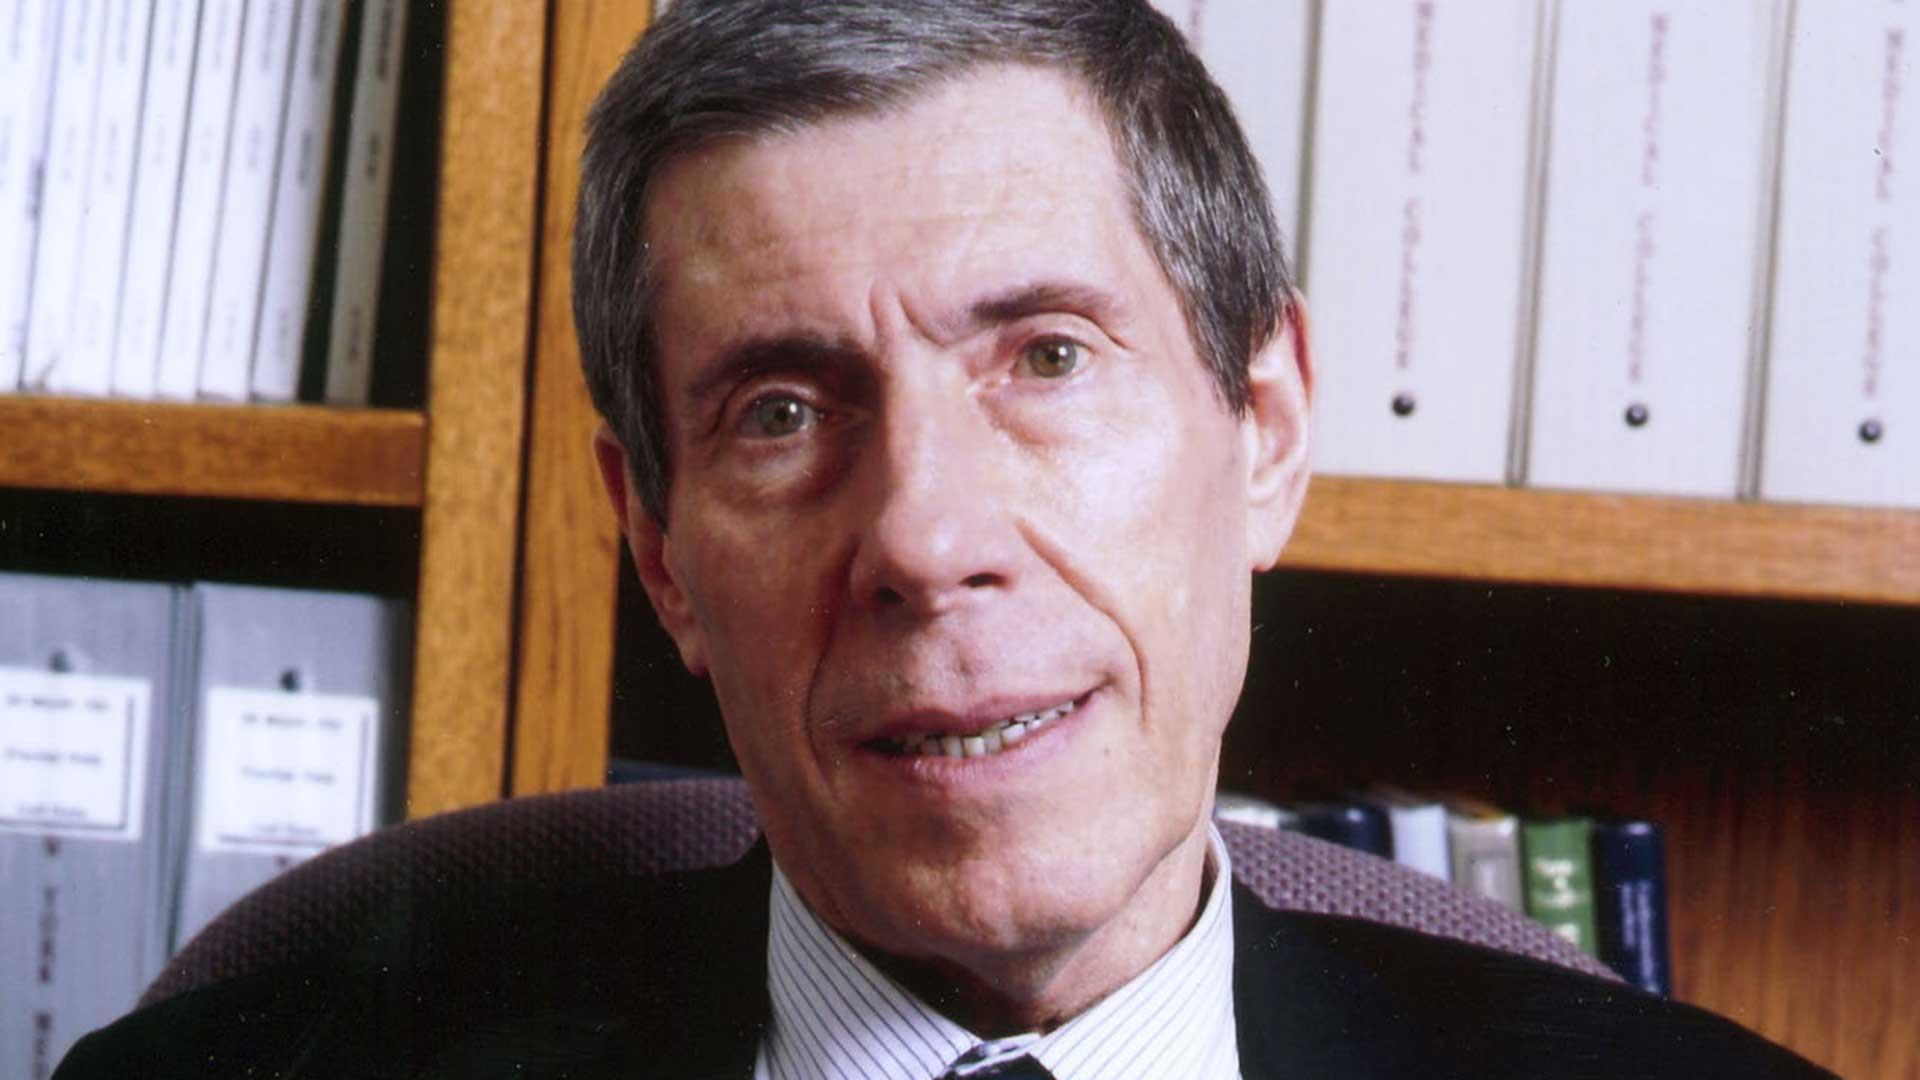 Piero Anversa, el cardiólogo que fundamentó sus investigaciones en datos falsificados (AP)